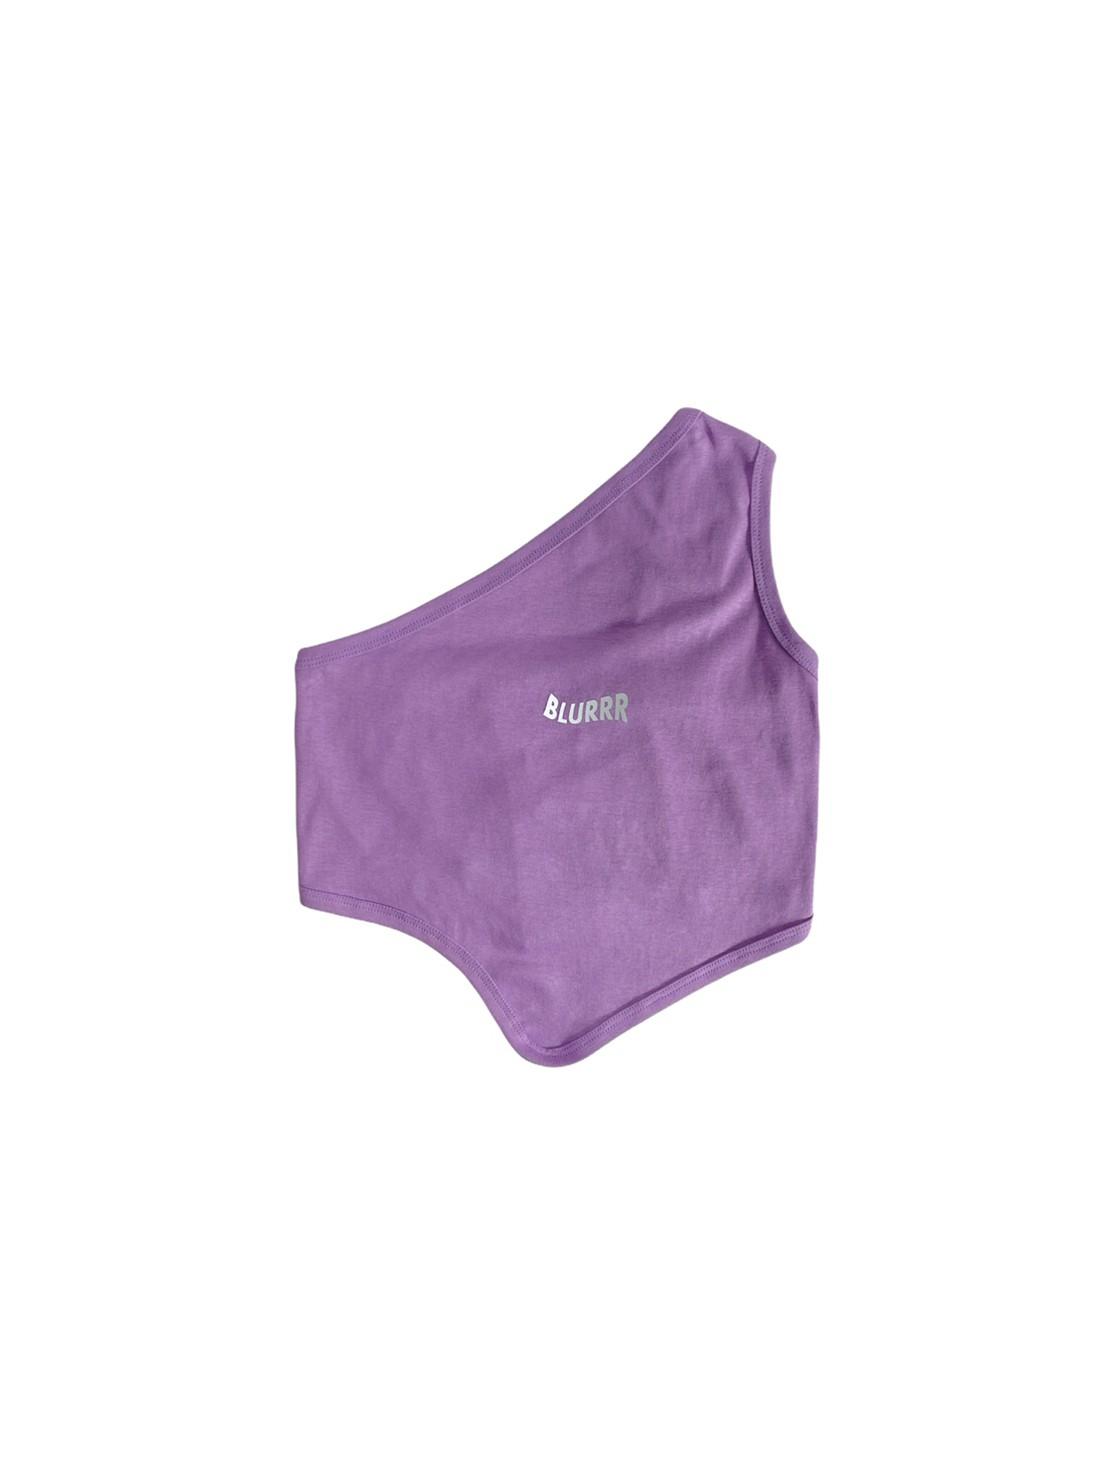 Blurrr (purple) Slant Shoulder Blouse